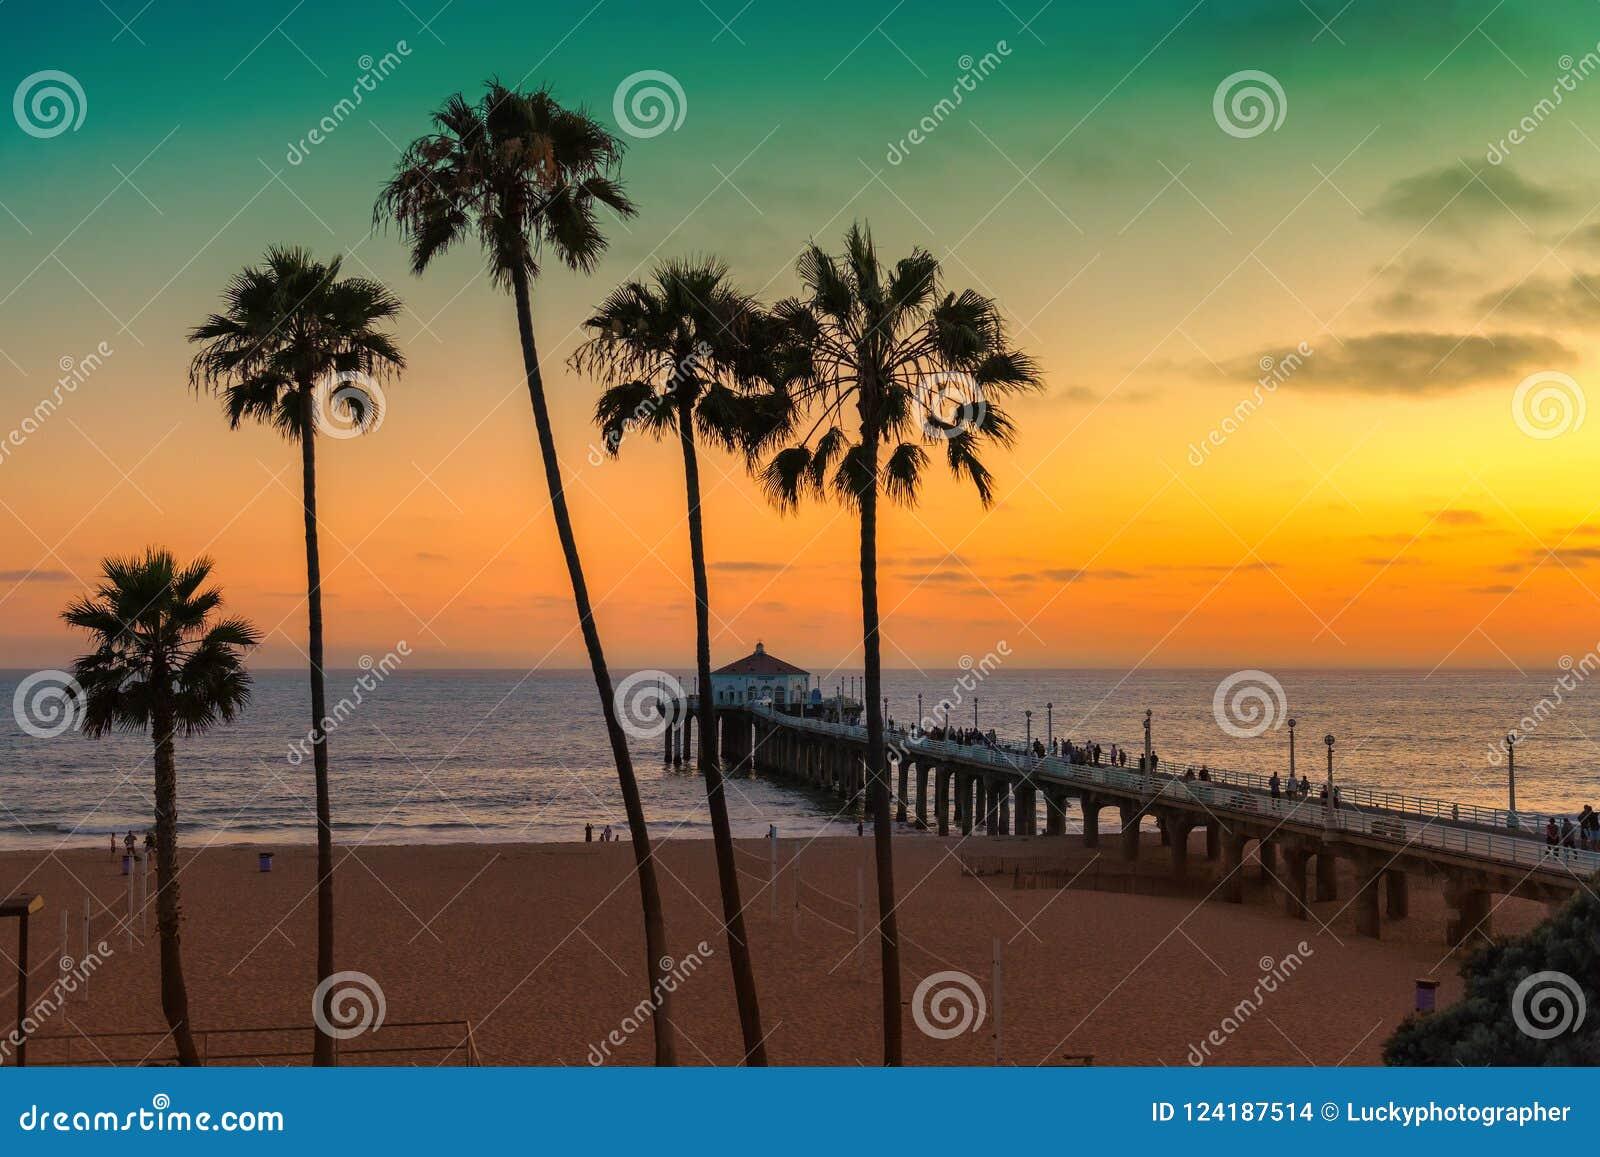 Παραλία Καλιφόρνιας στο ηλιοβασίλεμα, Λος Άντζελες,